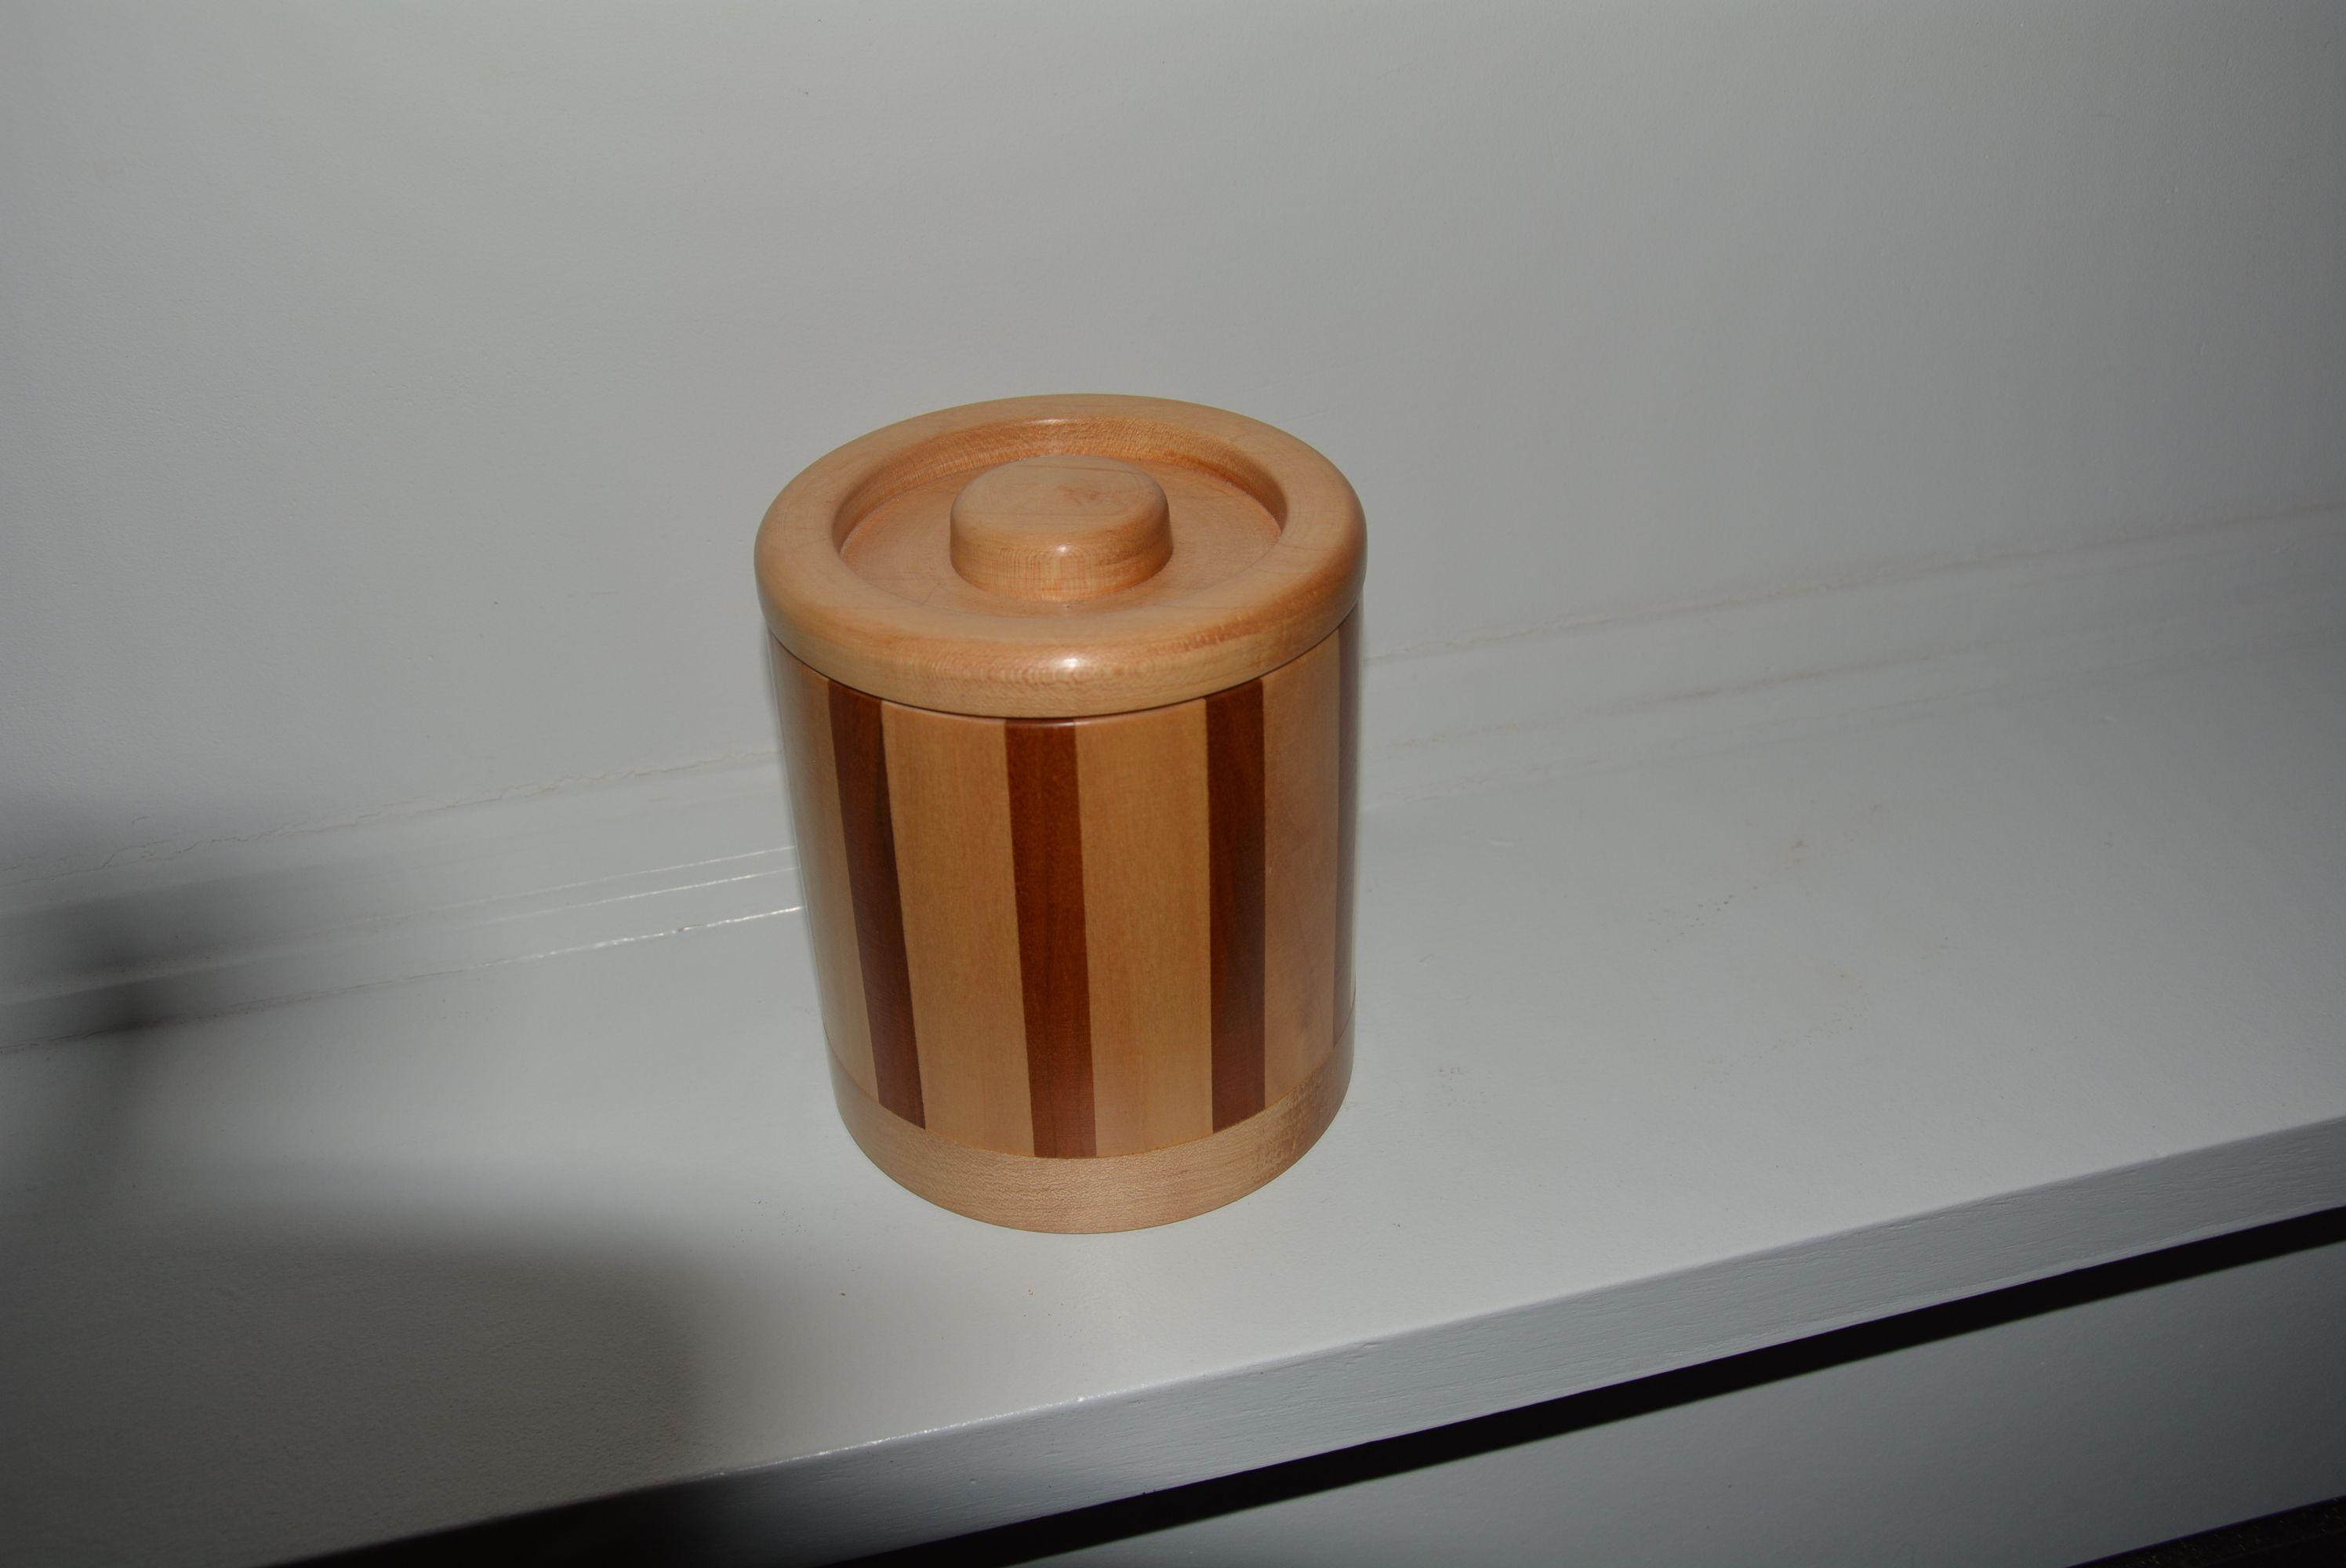 prachtige handgedraaide houten box in cerise en esdoorn ideaal